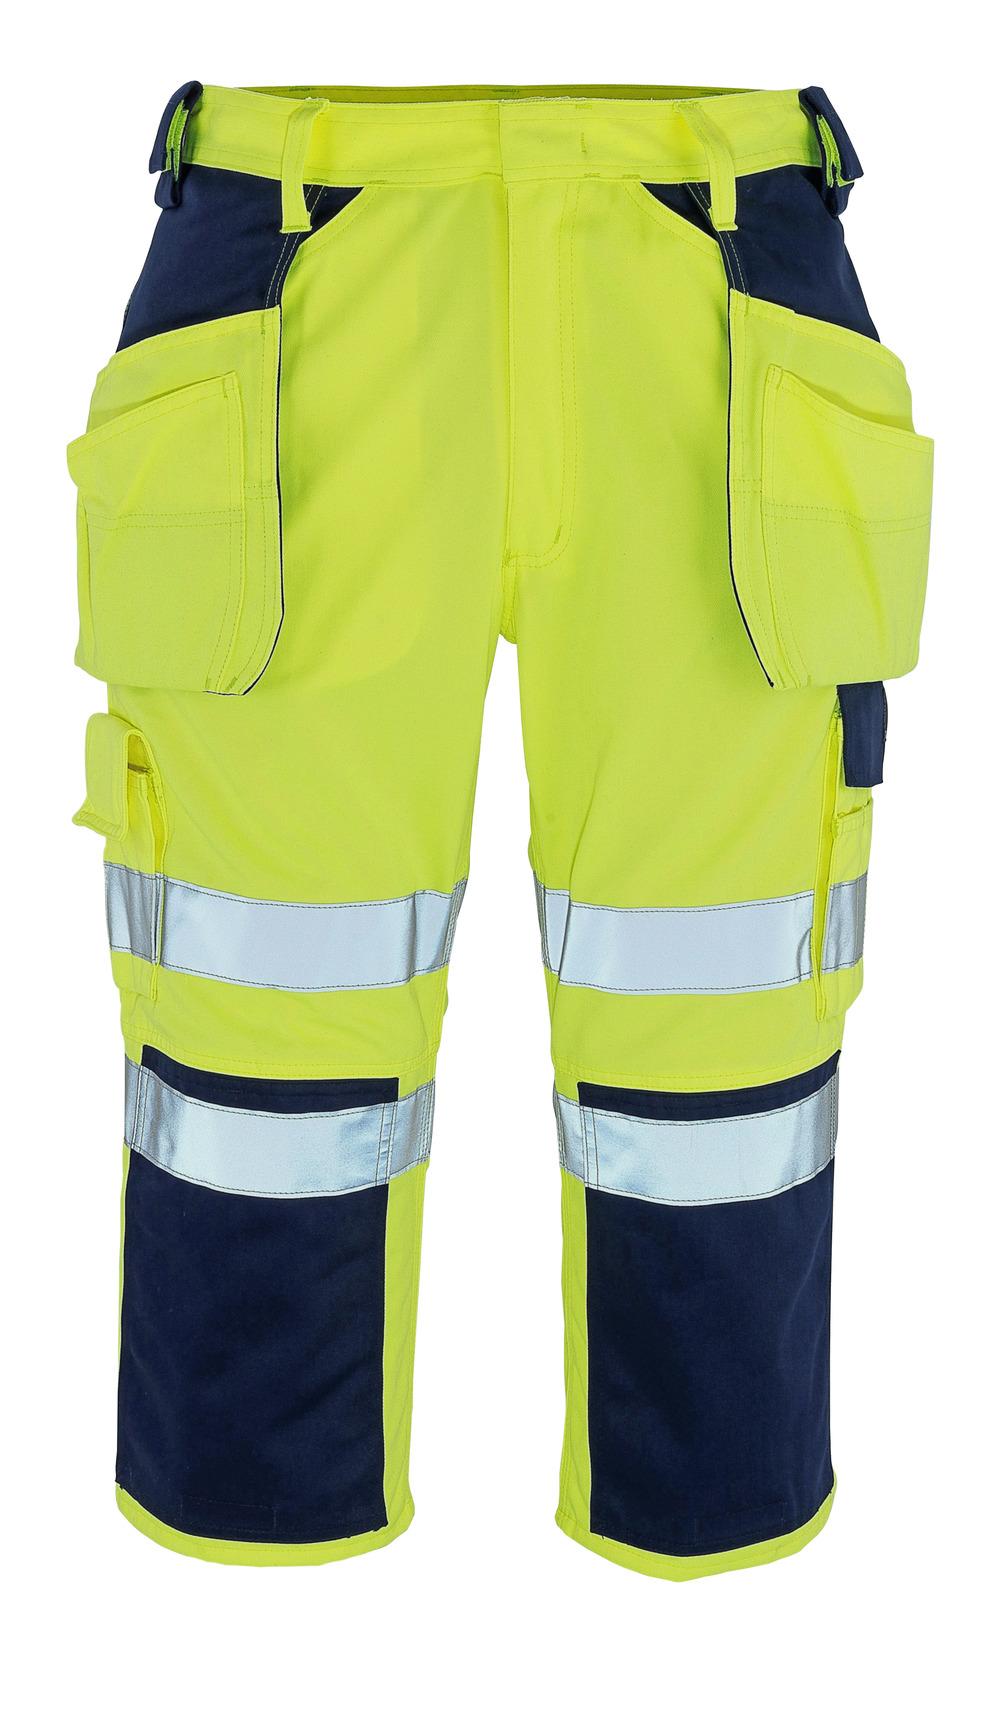 09149-470-171 Pantacourt avec poches genouillères et poches flottantes - Hi-vis jaune/Marine